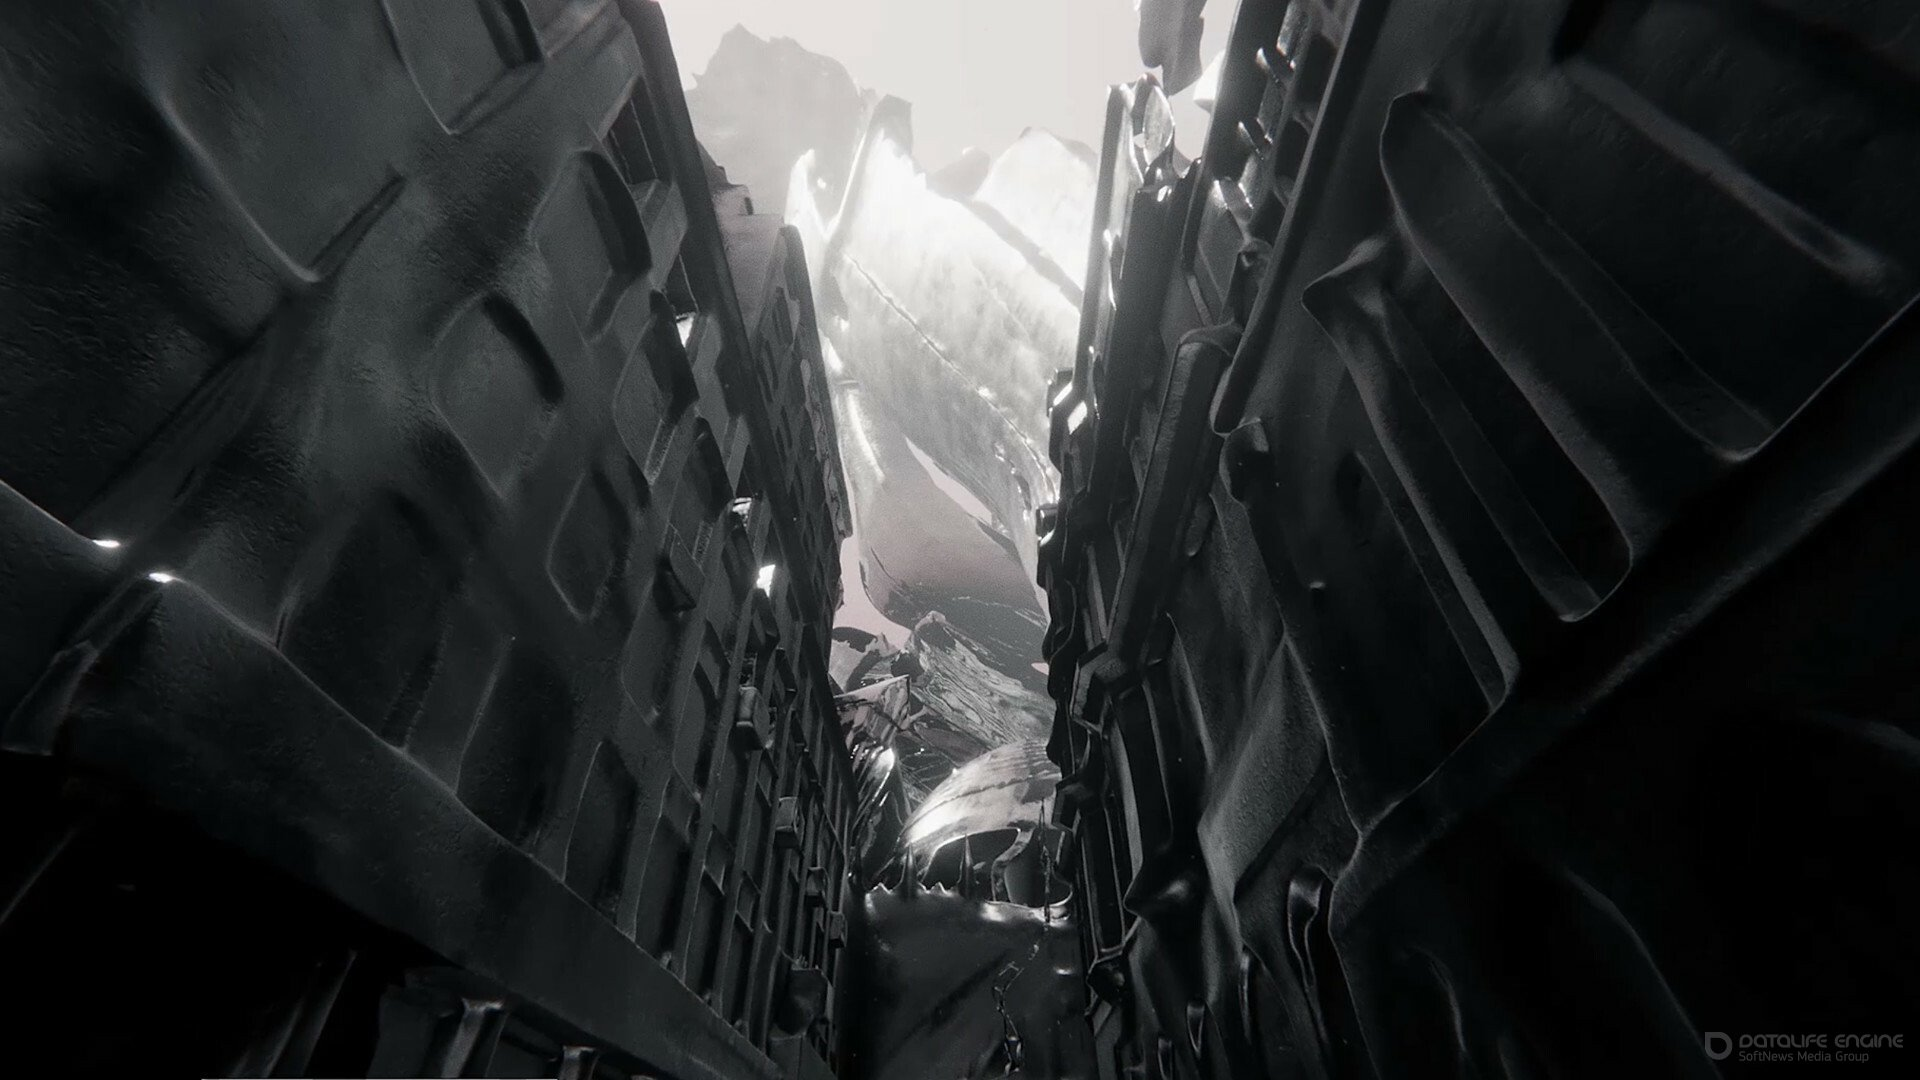 Скриншот к игре The Signifier Director's Cut Deluxe Edition v.1.101 (46691) [GOG] (2020) скачать торрент Лицензия